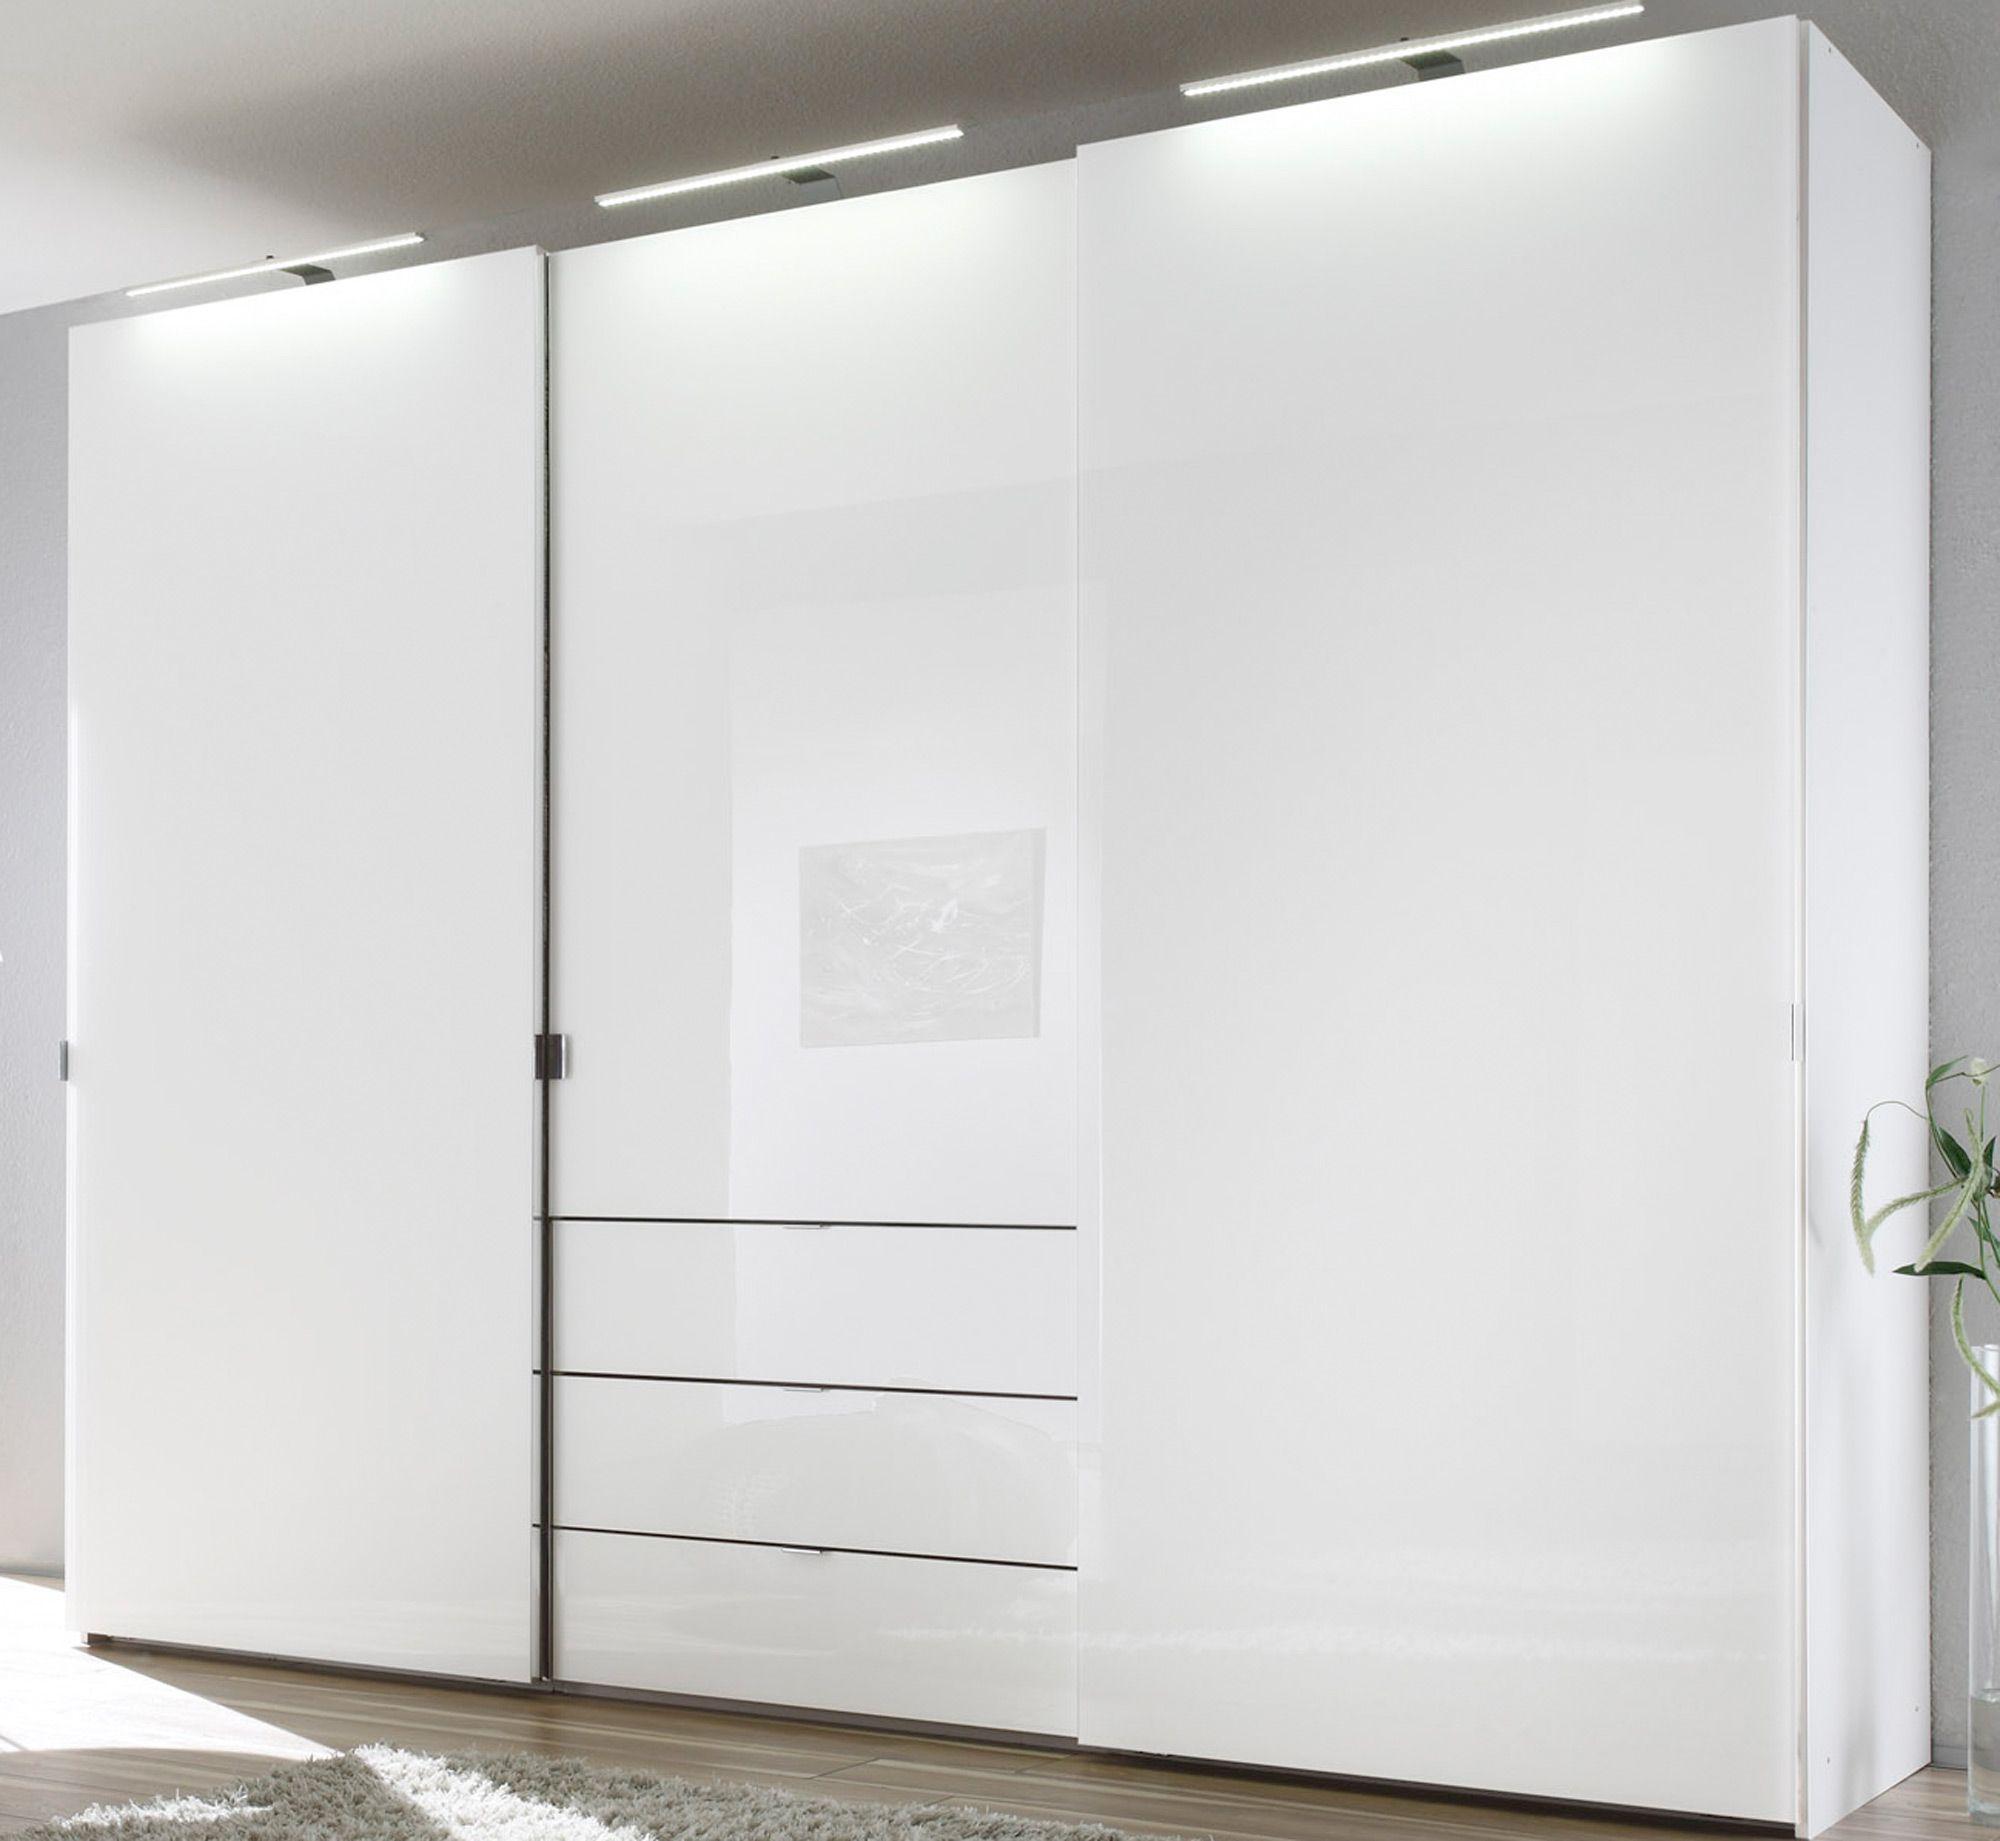 Kleiderschrank schiebetüren weiß  Genial kleiderschrank schiebetüren 2 50 m | Deutsche Deko ...